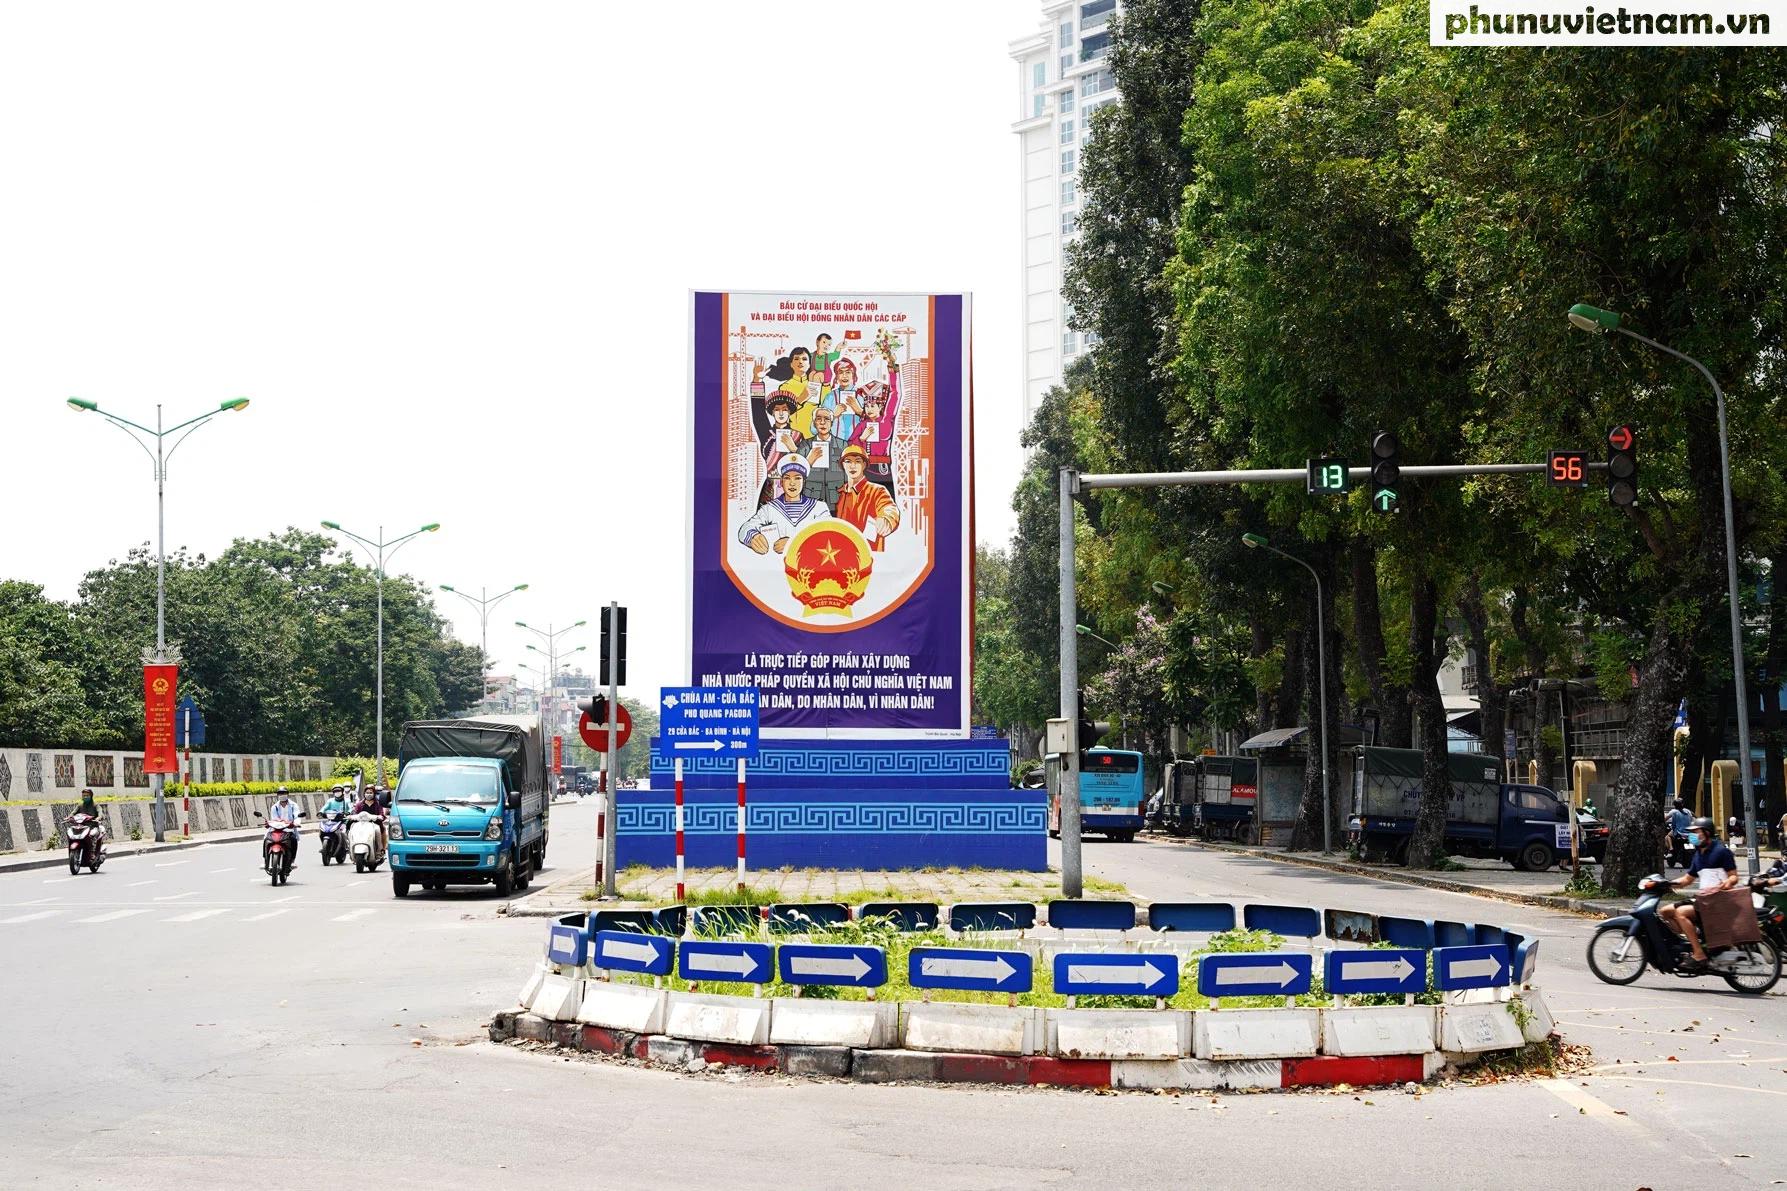 """Phố phường Hà Nội rực rỡ cờ phướn, tranh cổ động chào mừng """"Ngày hội của toàn dân"""" - Ảnh 1."""